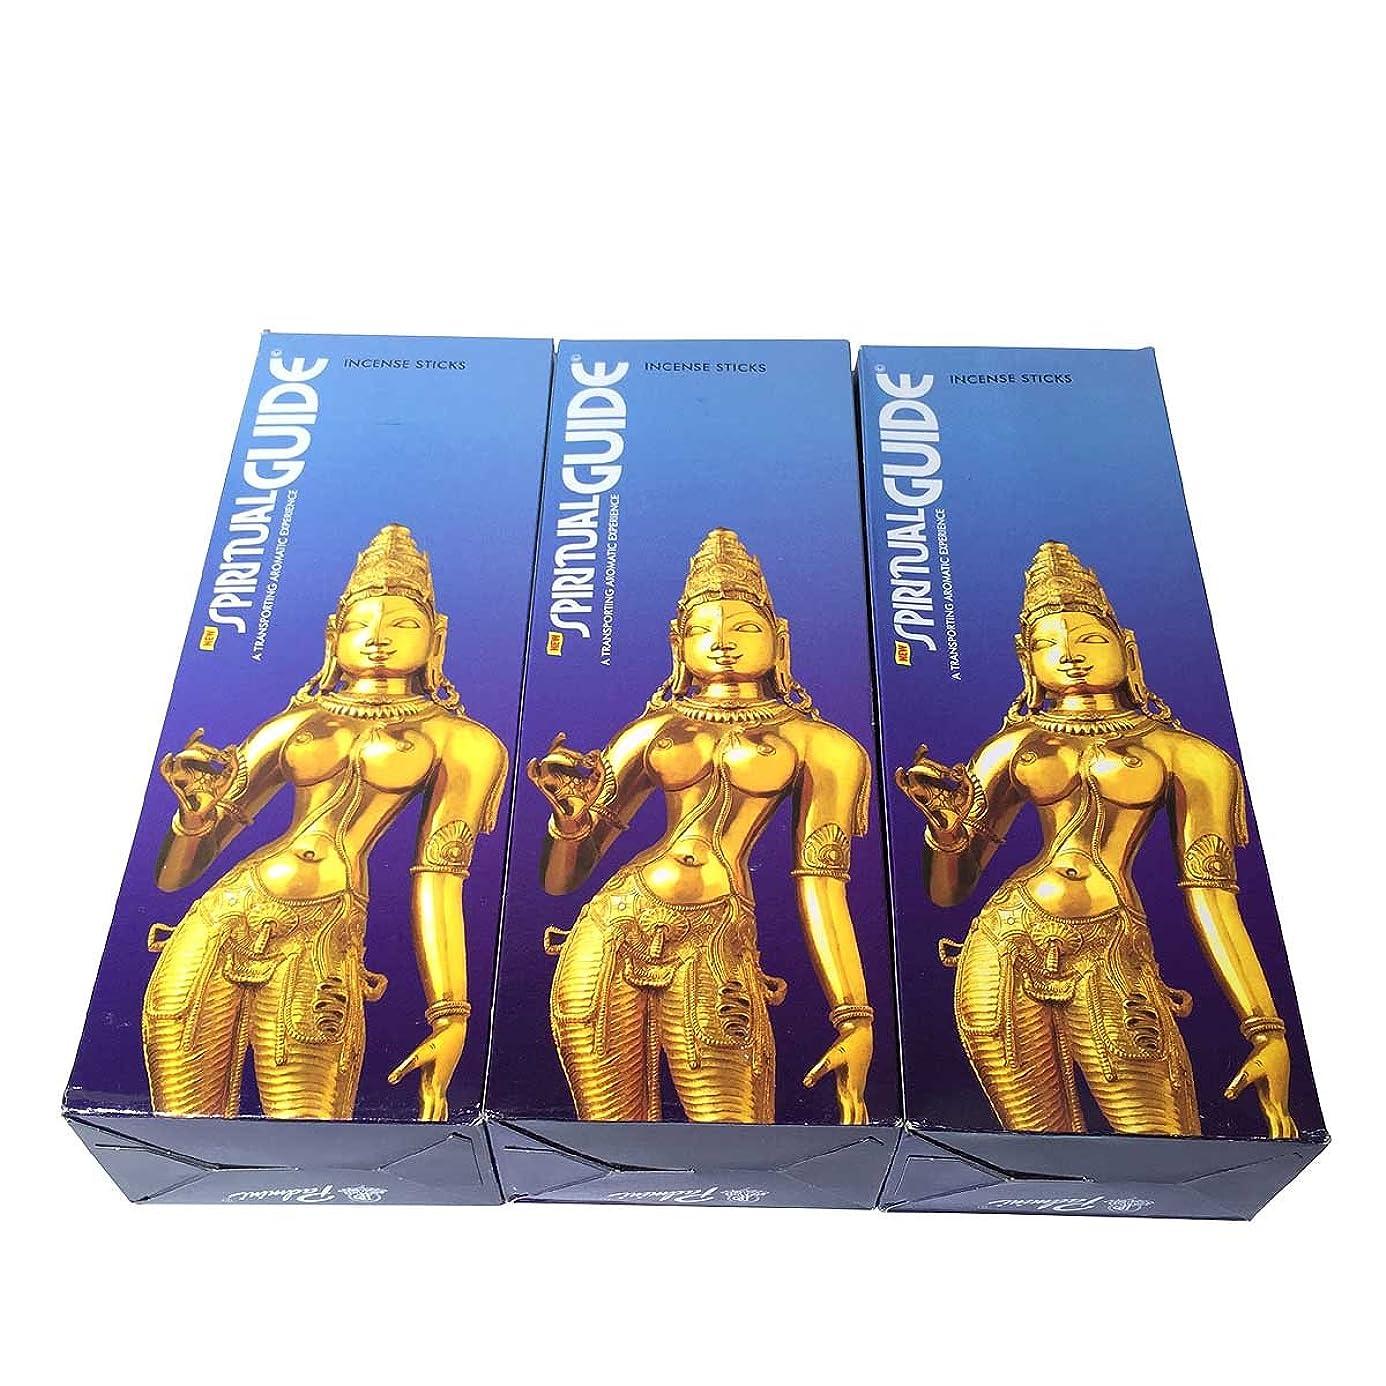 頂点アクセント慢スピリチュアルガイド香スティック 3BOX(18箱) /PADMINI SPIRITUALGUIDE/インセンス/インド香 お香 [並行輸入品]